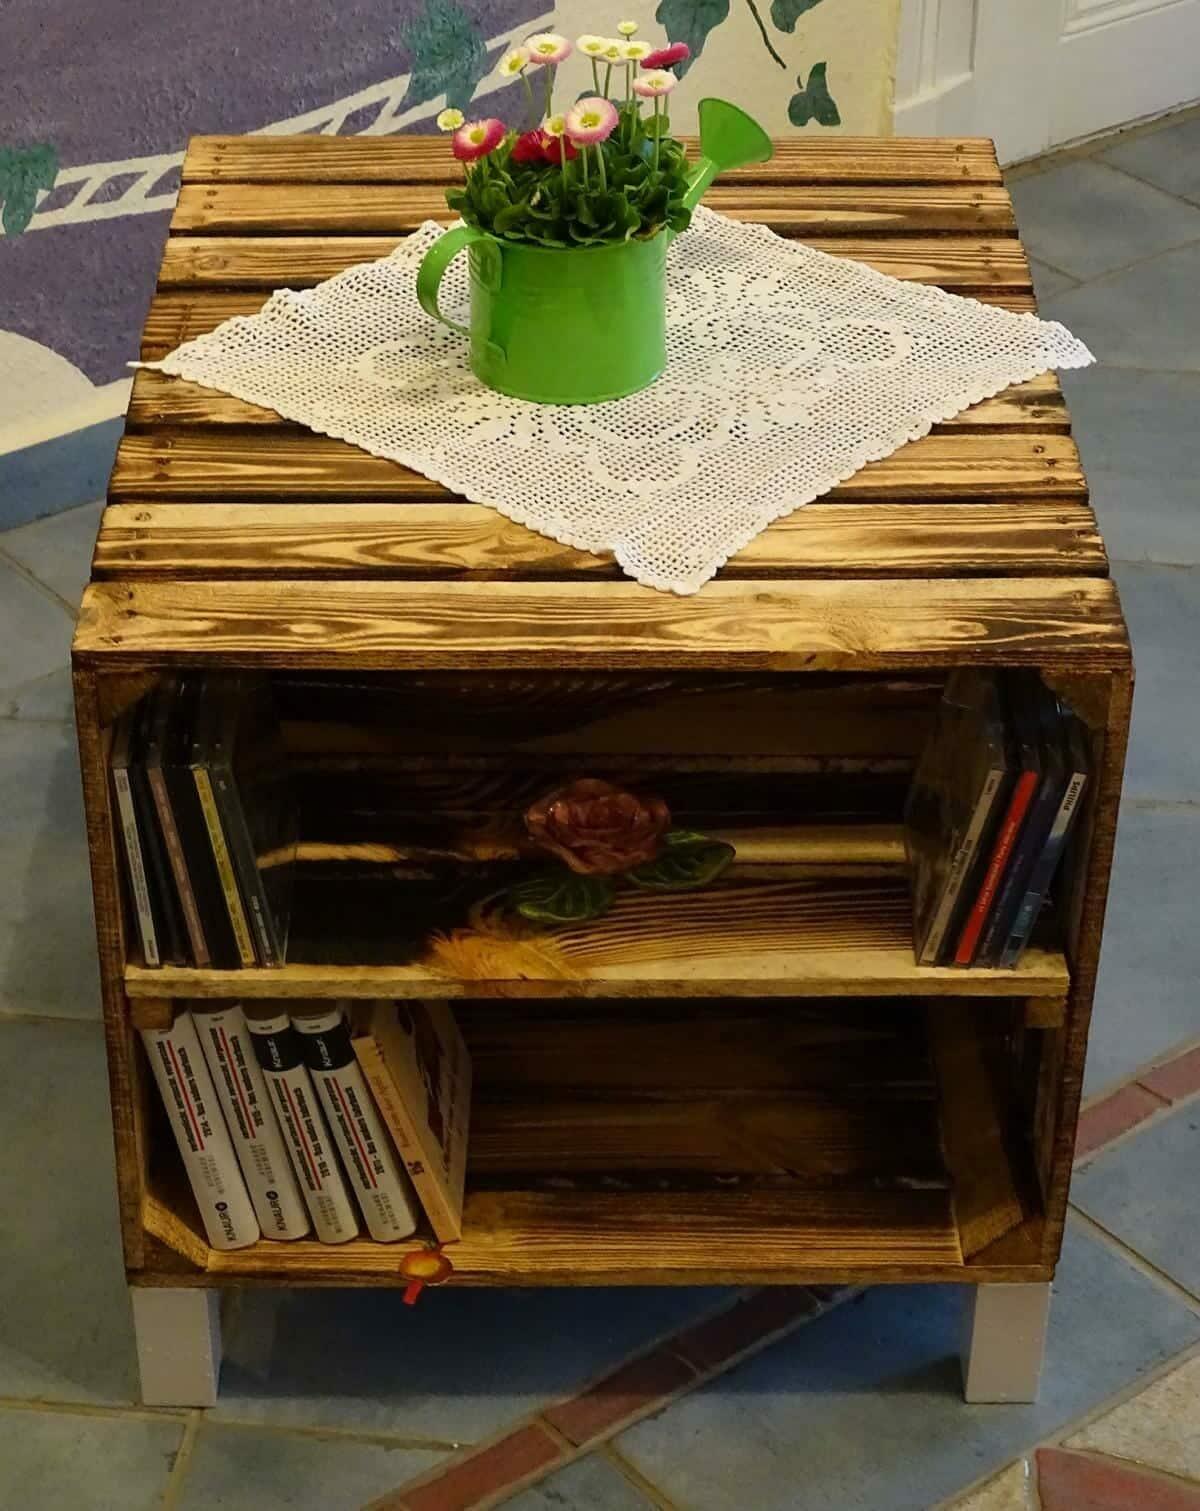 beistelltisch aus geflammten kisten mit f en holzkisten shop. Black Bedroom Furniture Sets. Home Design Ideas